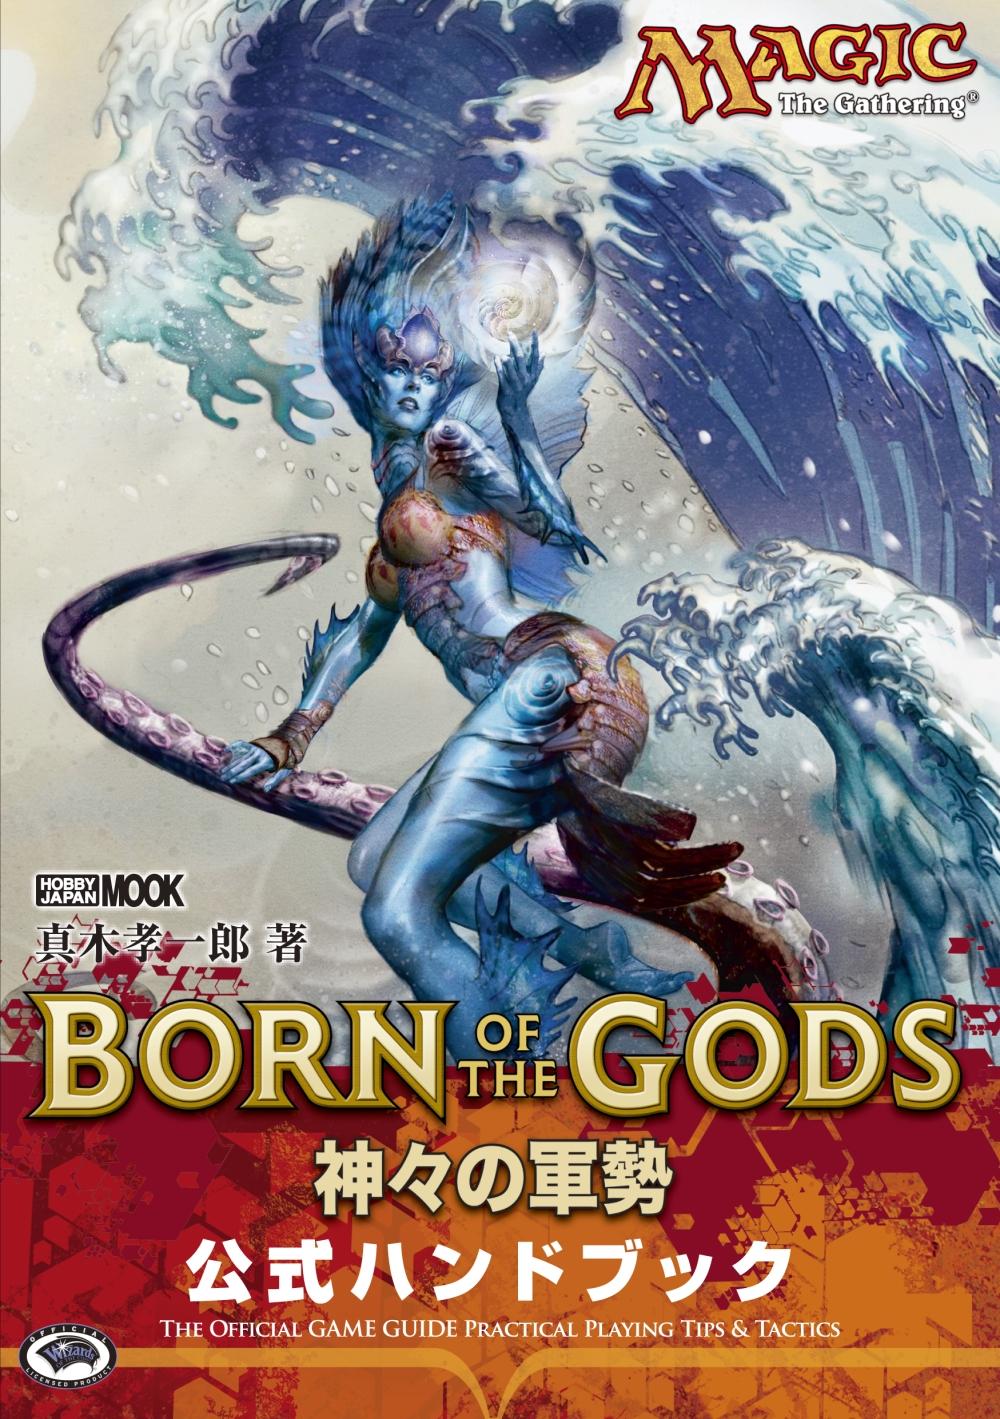 『マジック:ザ・ギャザリング』最新セット 「神々の軍勢」収録のカード全165種類をフルカラーで掲載! 「マジック:ザ・ギャザリング 神々の軍勢 公式ハンドブック」2月7日発売